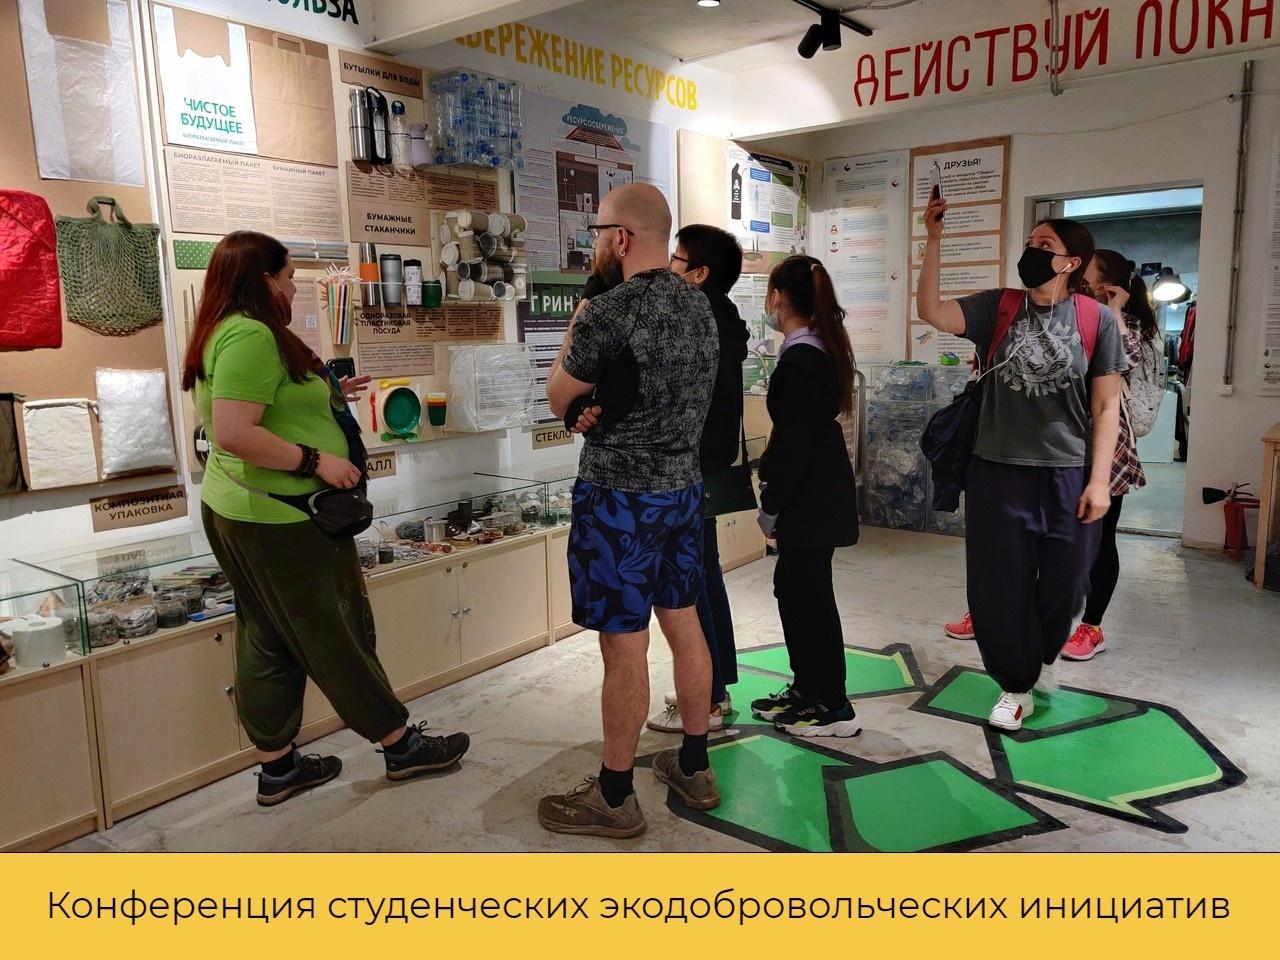 """26 мая в """"Сборке"""" пройдет конференция студенческих экодобровольческих инициатив"""